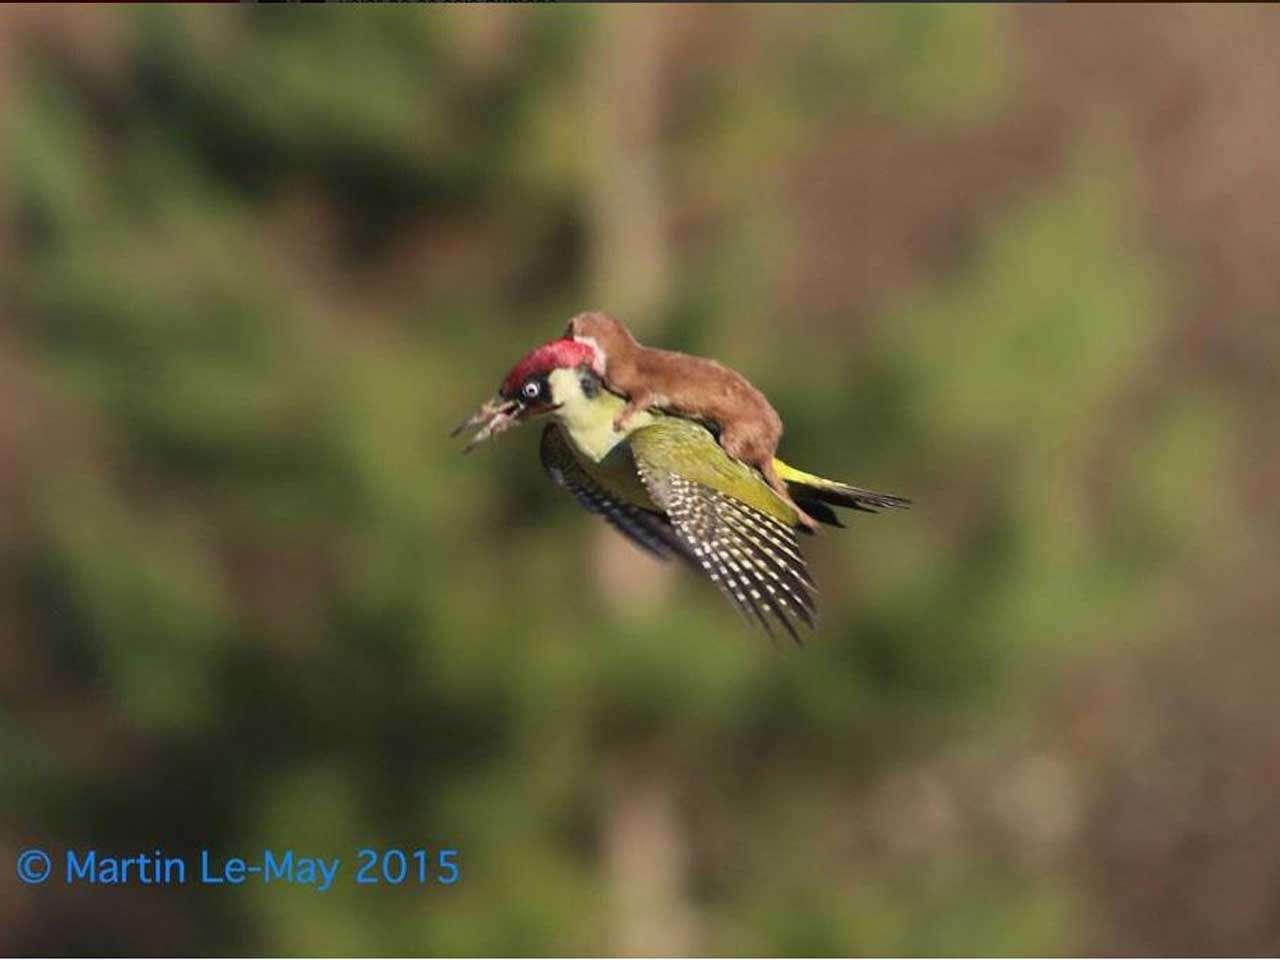 La increíble foto de una comadreja volando sobre un pájaro carpintero se volvió un fenómeno de internet, la foto fue tomada el 2 de marzo de 2015. Foto: @_Ochouno/Twitter